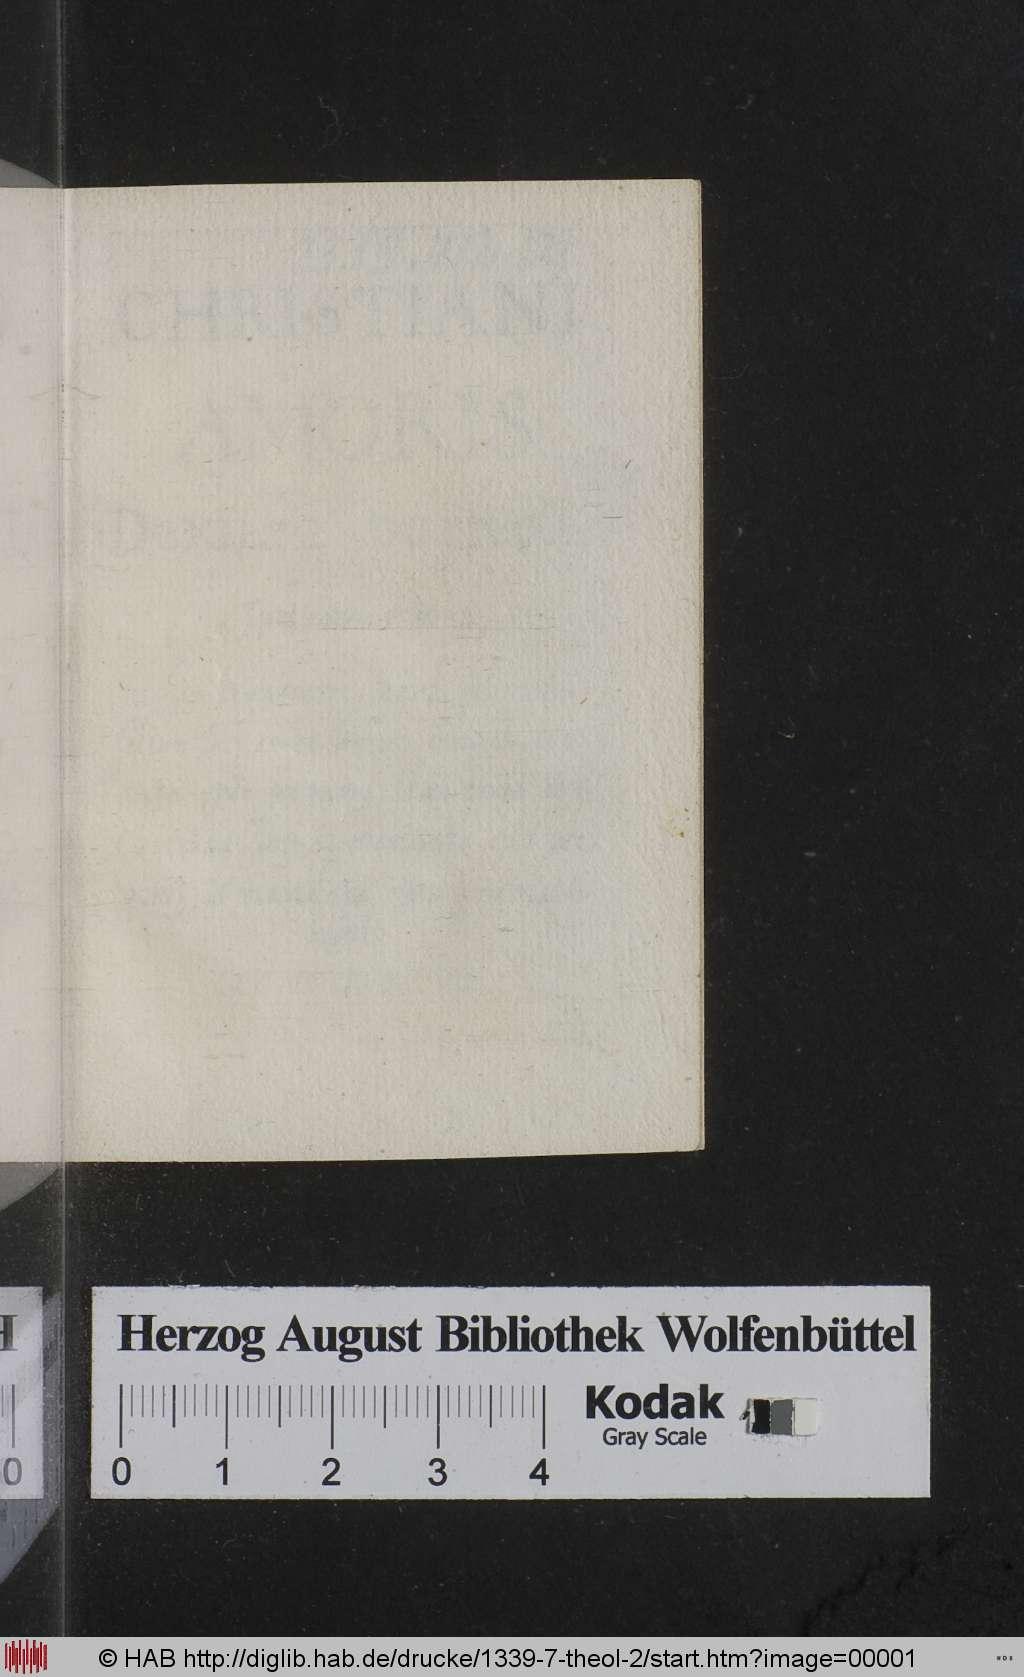 https://diglib.hab.de/drucke/1339-7-theol-2/00001.jpg